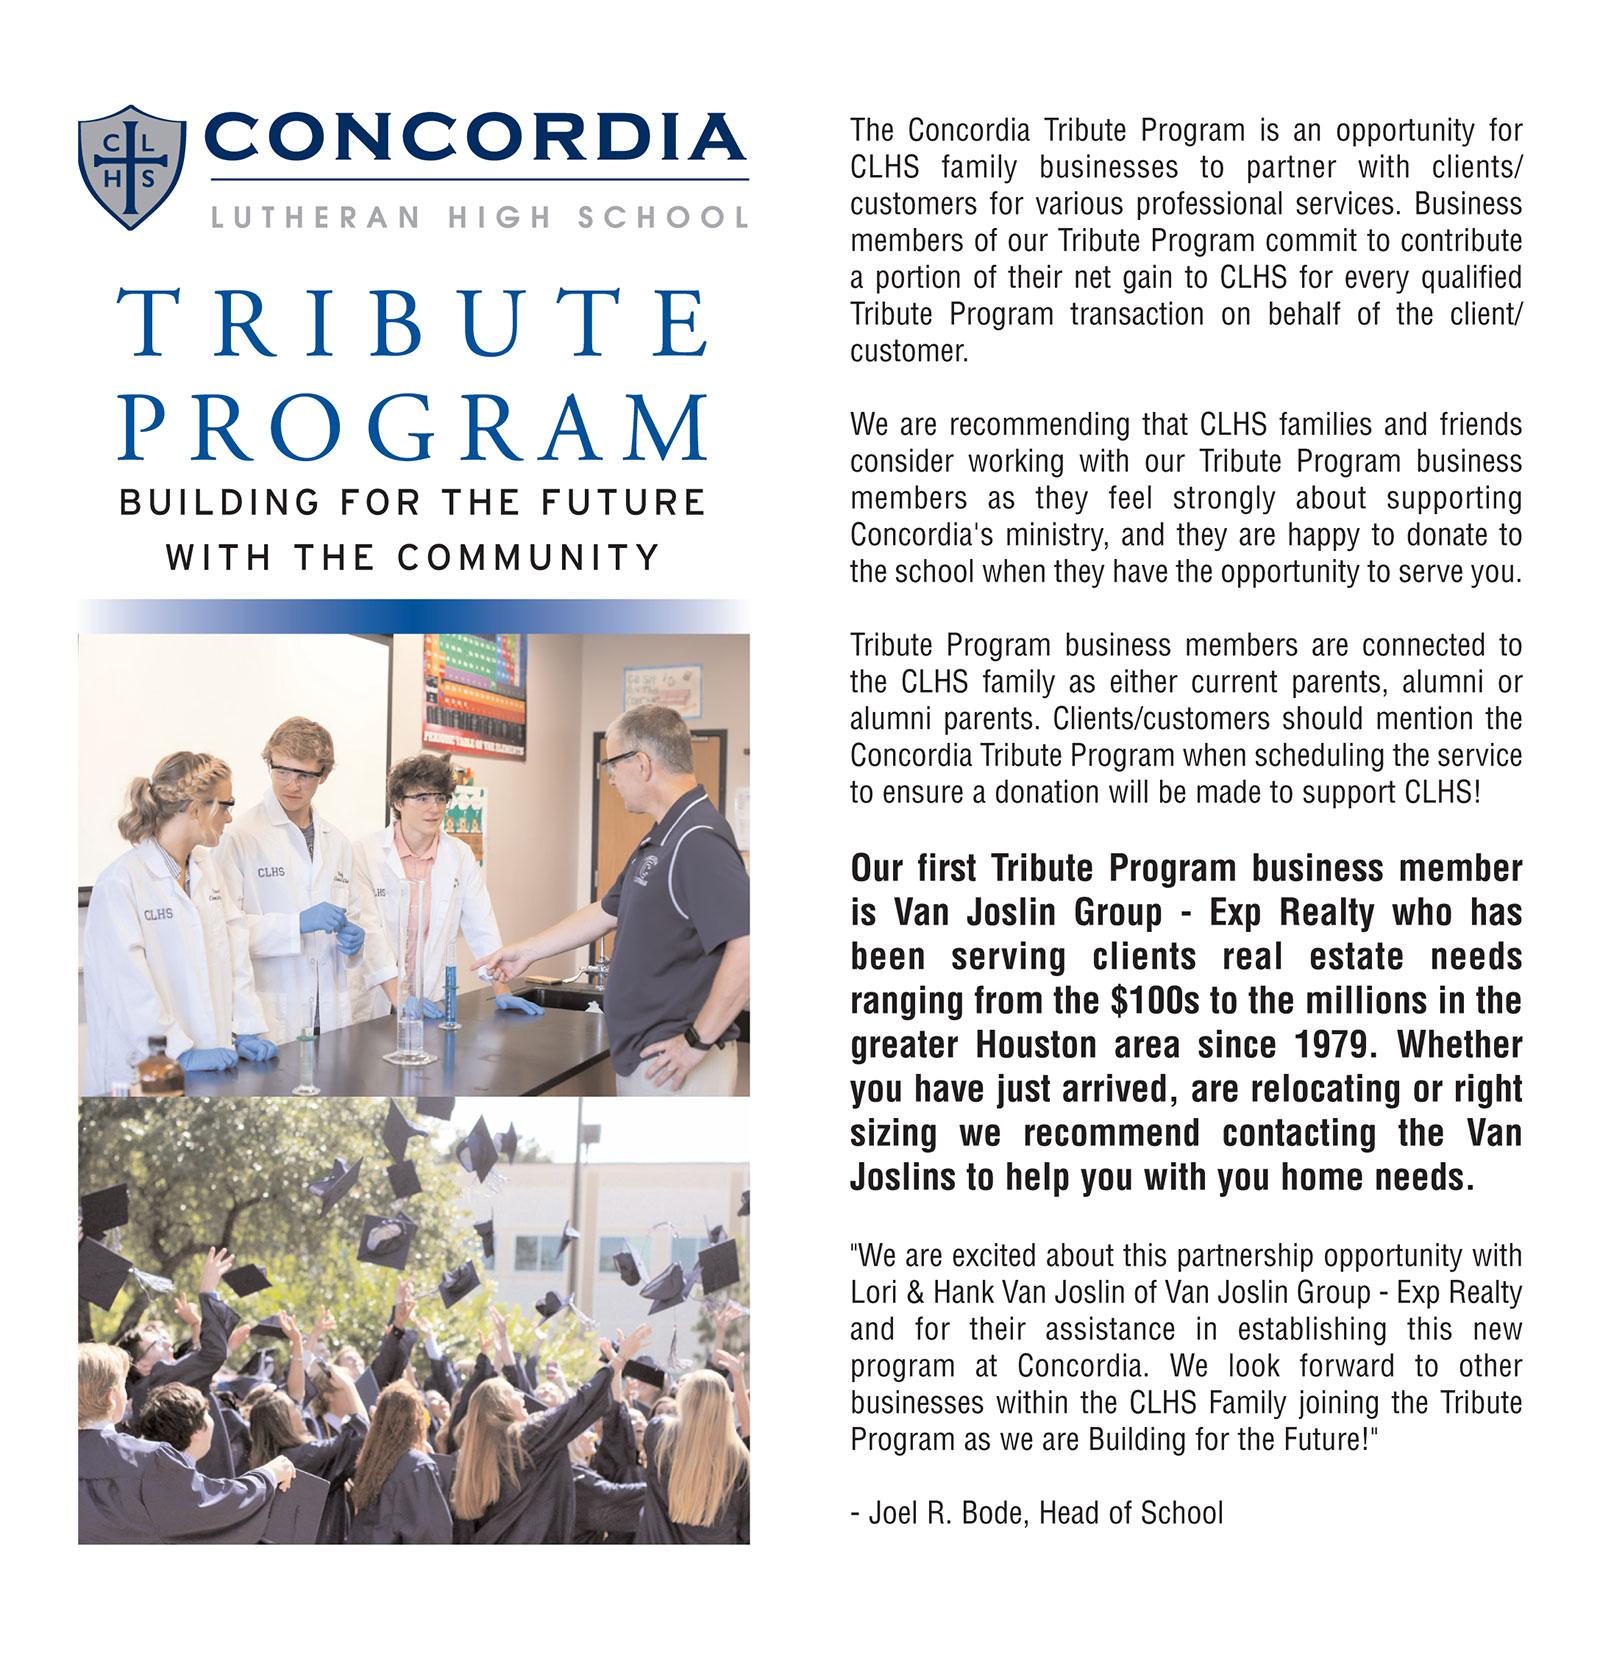 Concordia-Tribute